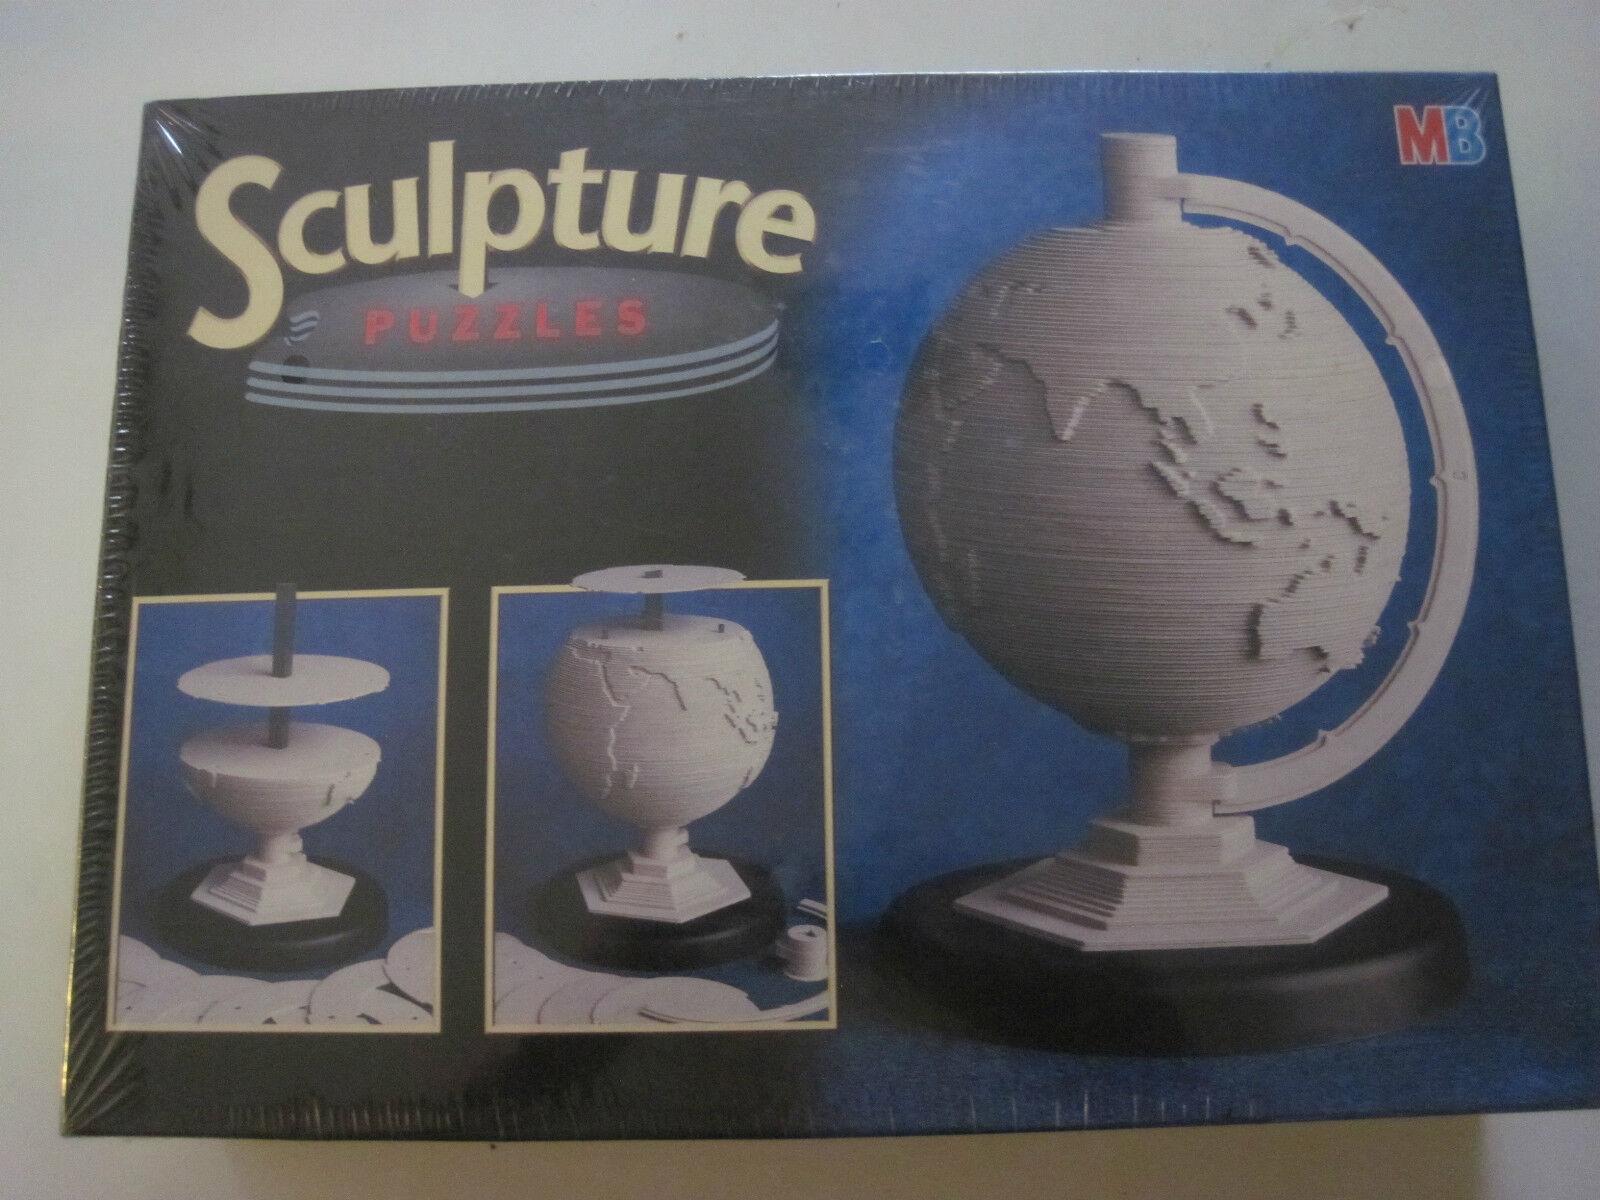 MB 15420 3d disques puzzle sculpture puzzles  LE GLOBE  neuf emballage d'origine